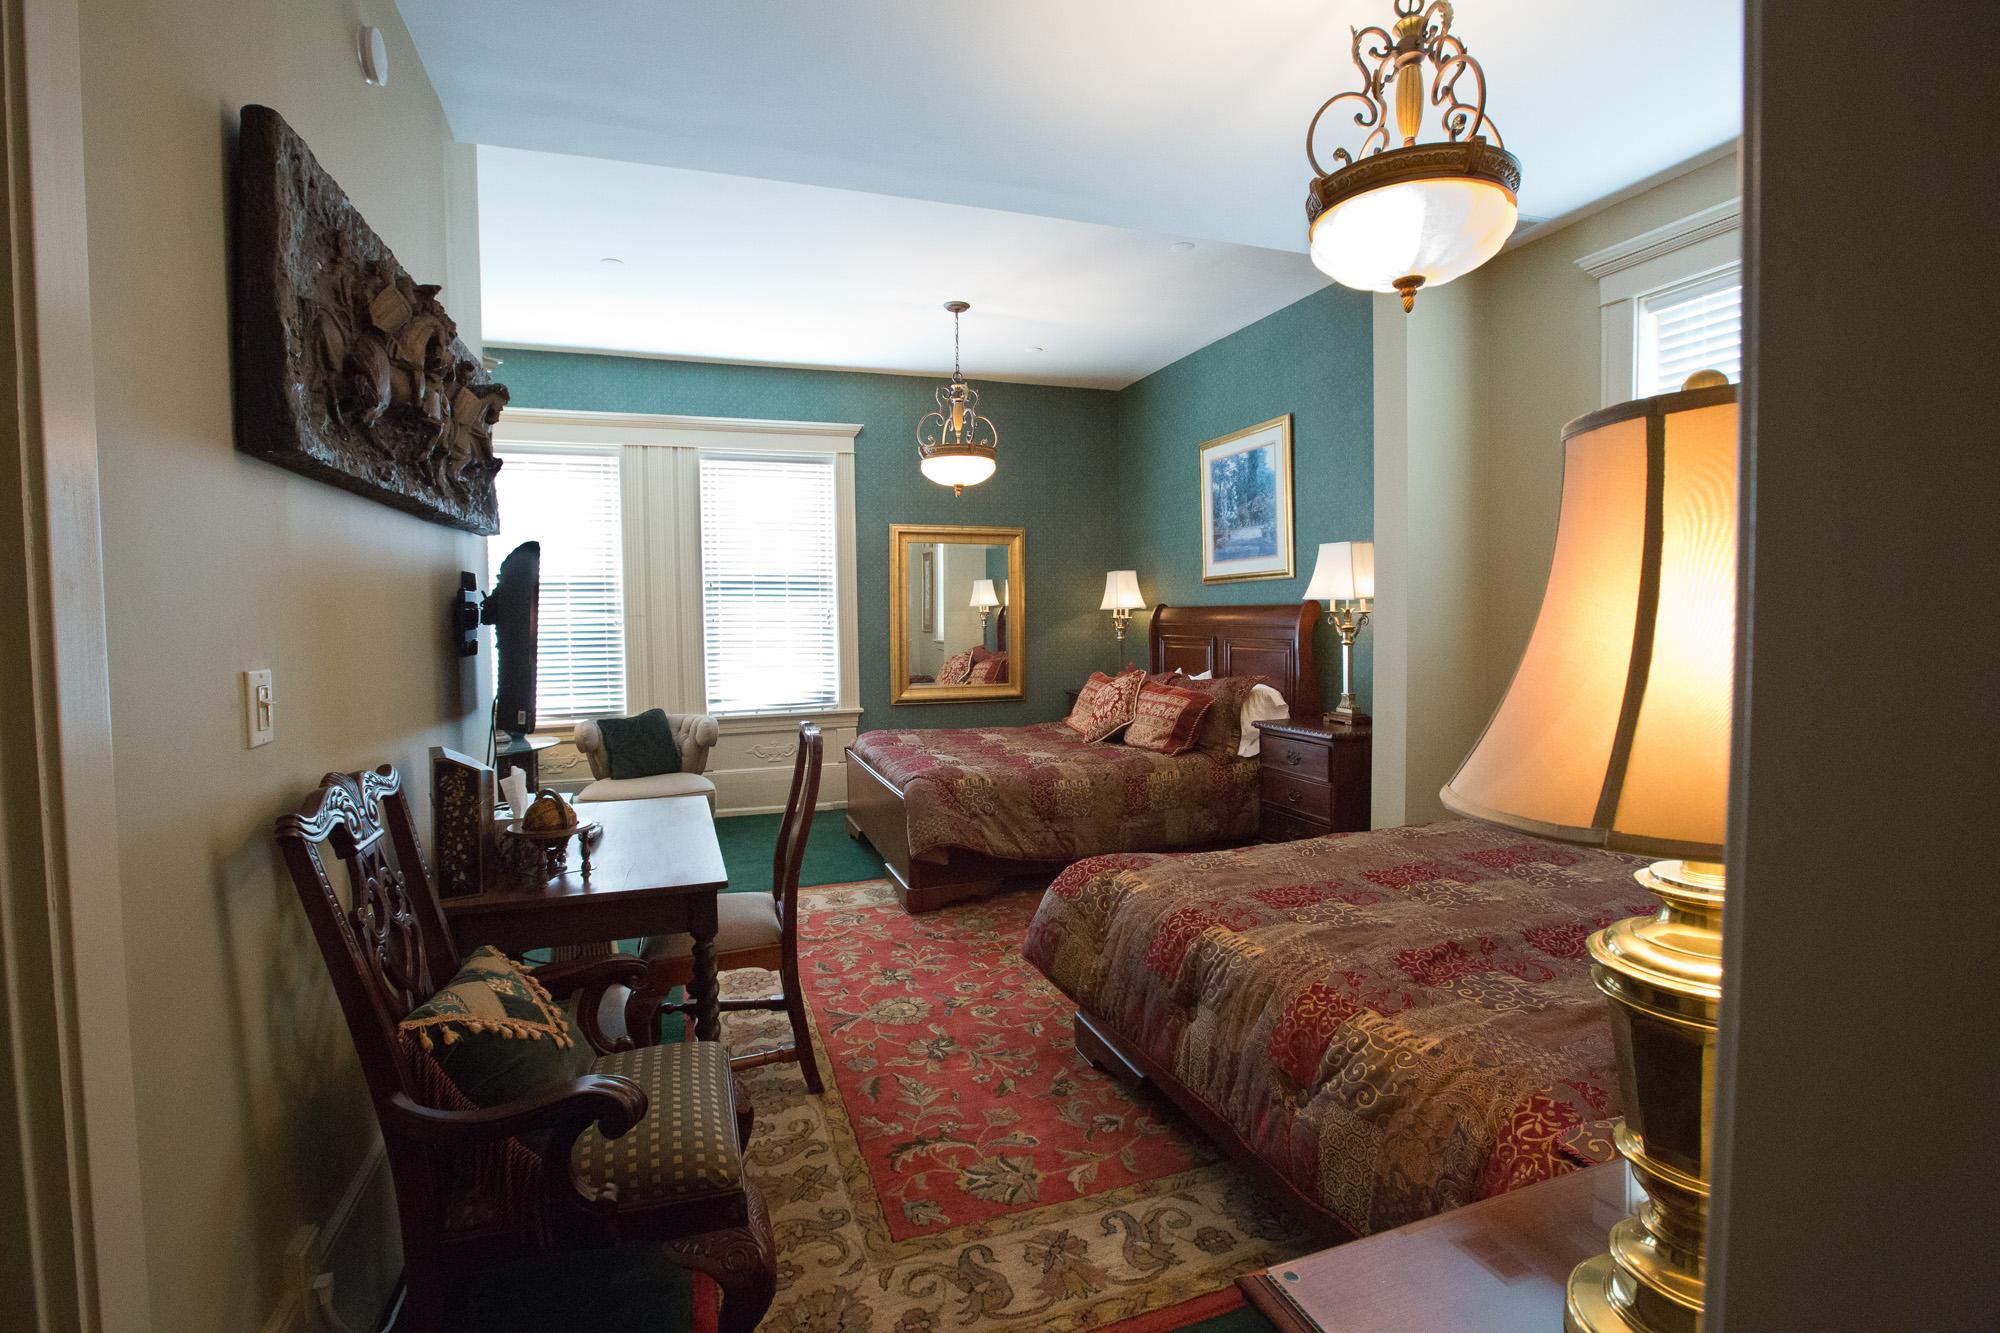 Room 6 - The Double Queen Bedroom - $195 per night